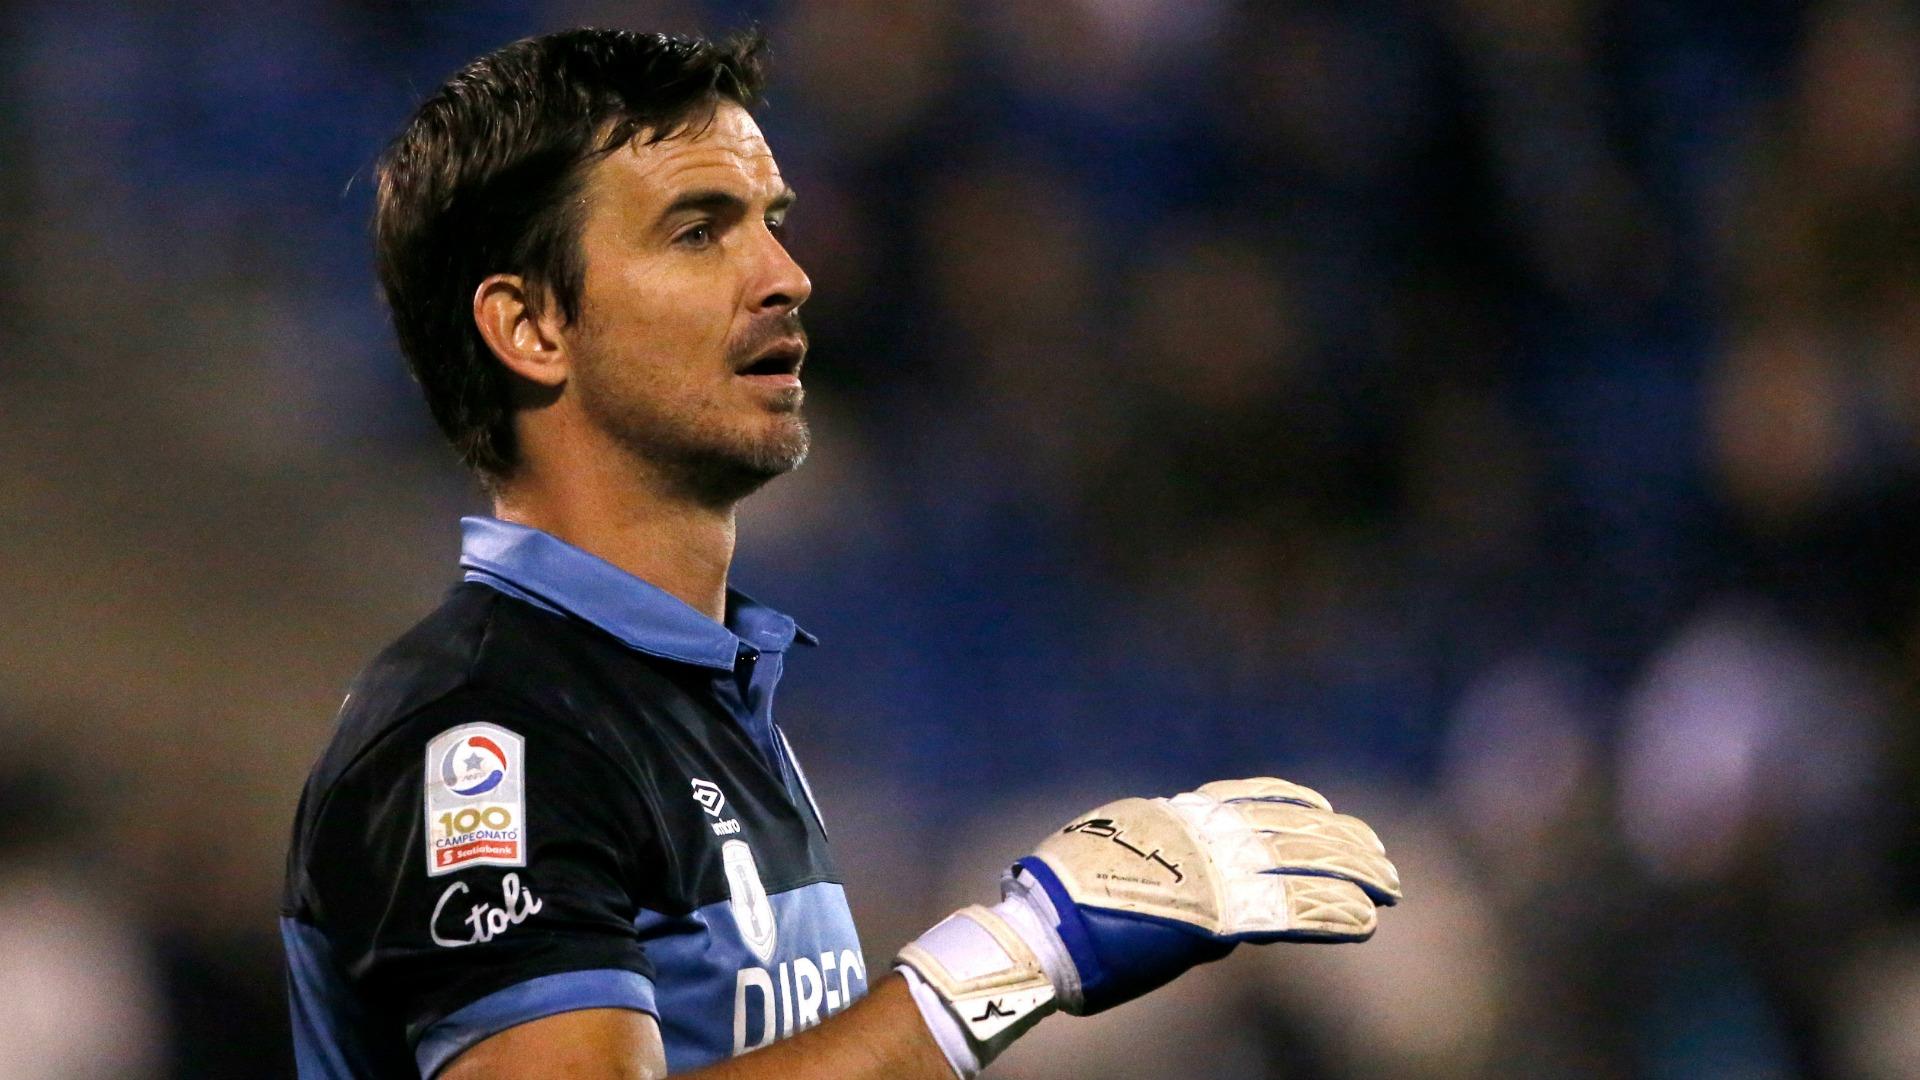 Franco Costanzo jugará ante Palestino su último partido como profesional